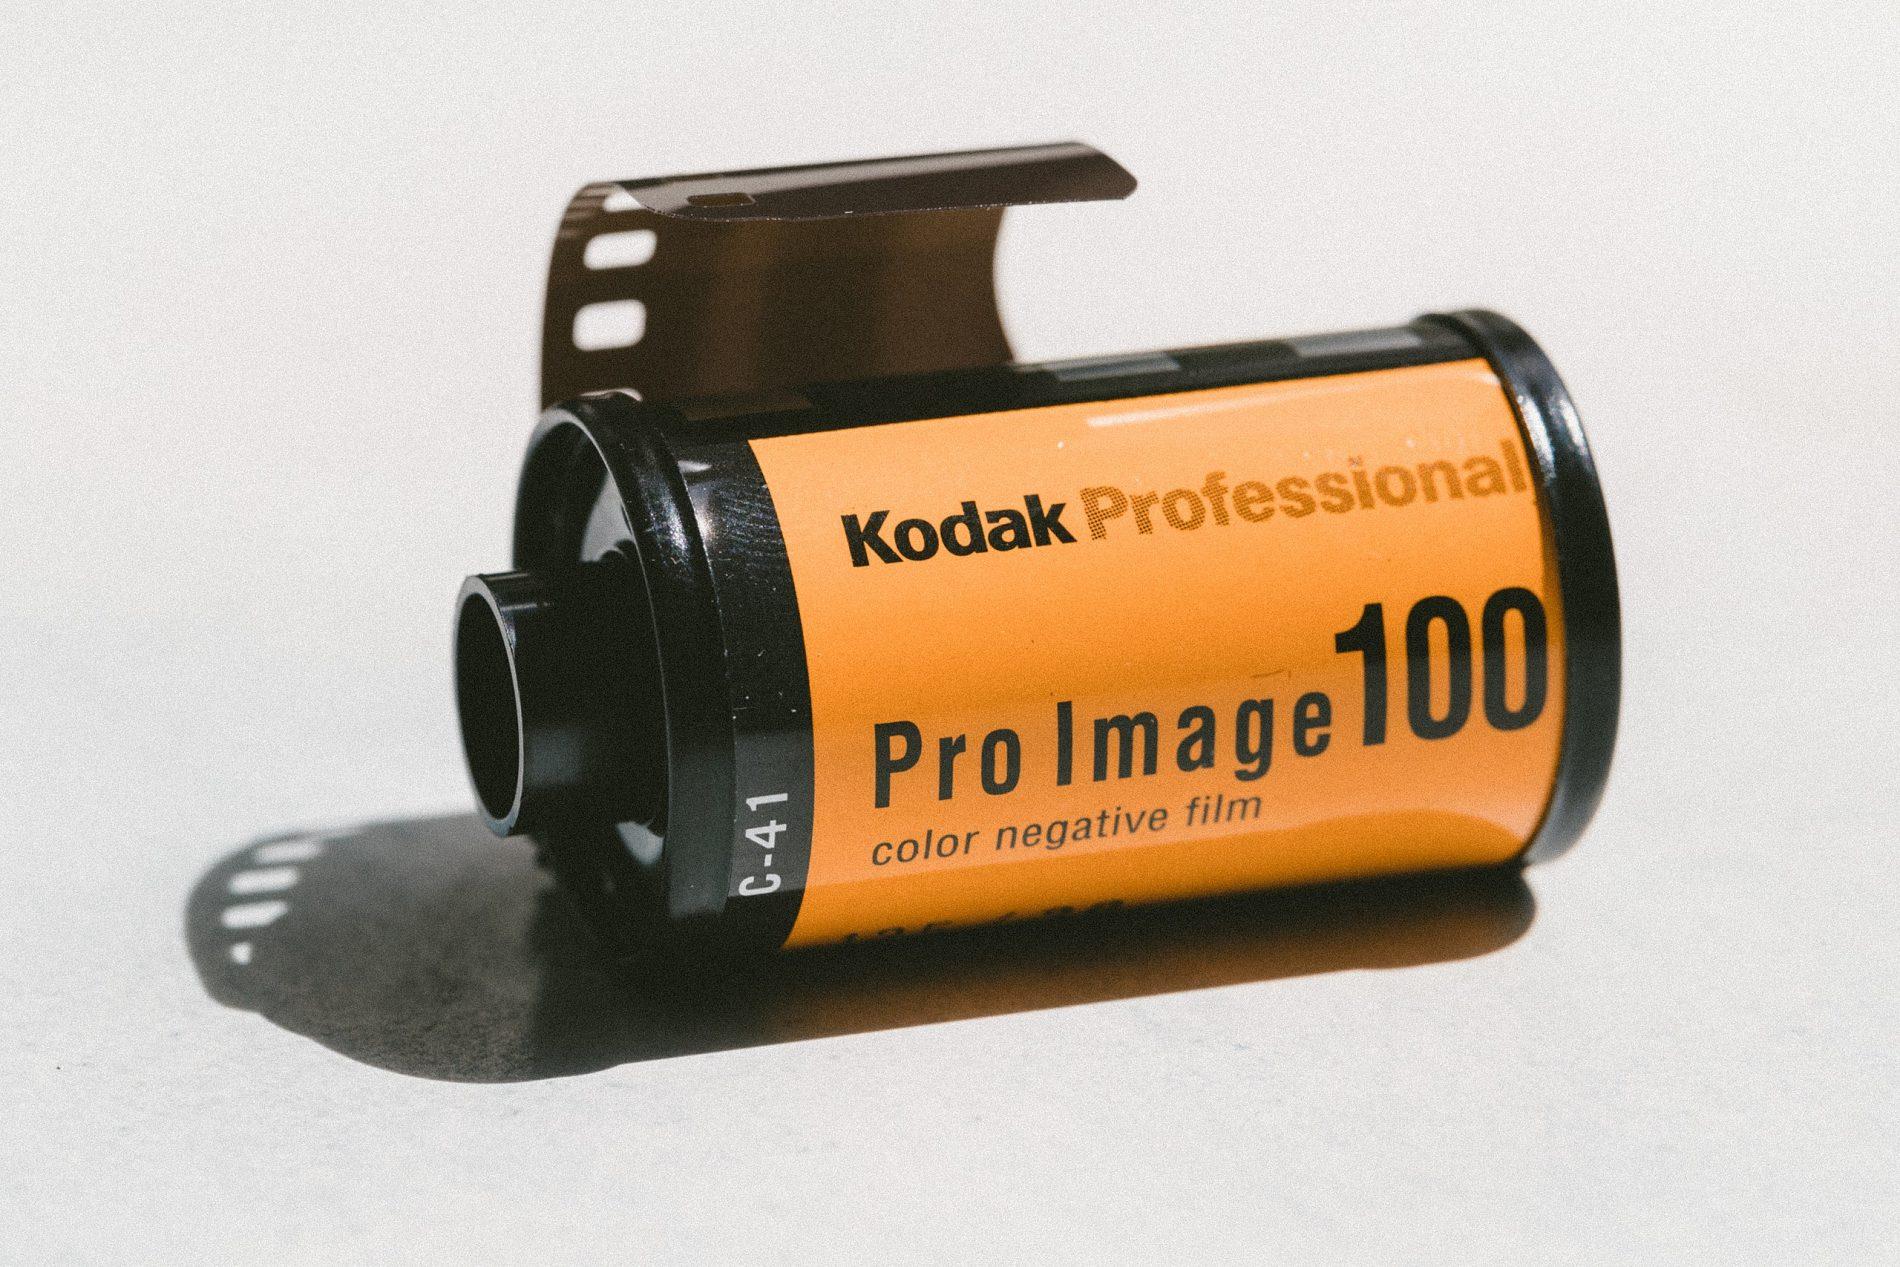 Kodak Pro Image 100 (Pic: Jakob Owens/Wikimedia Commons)